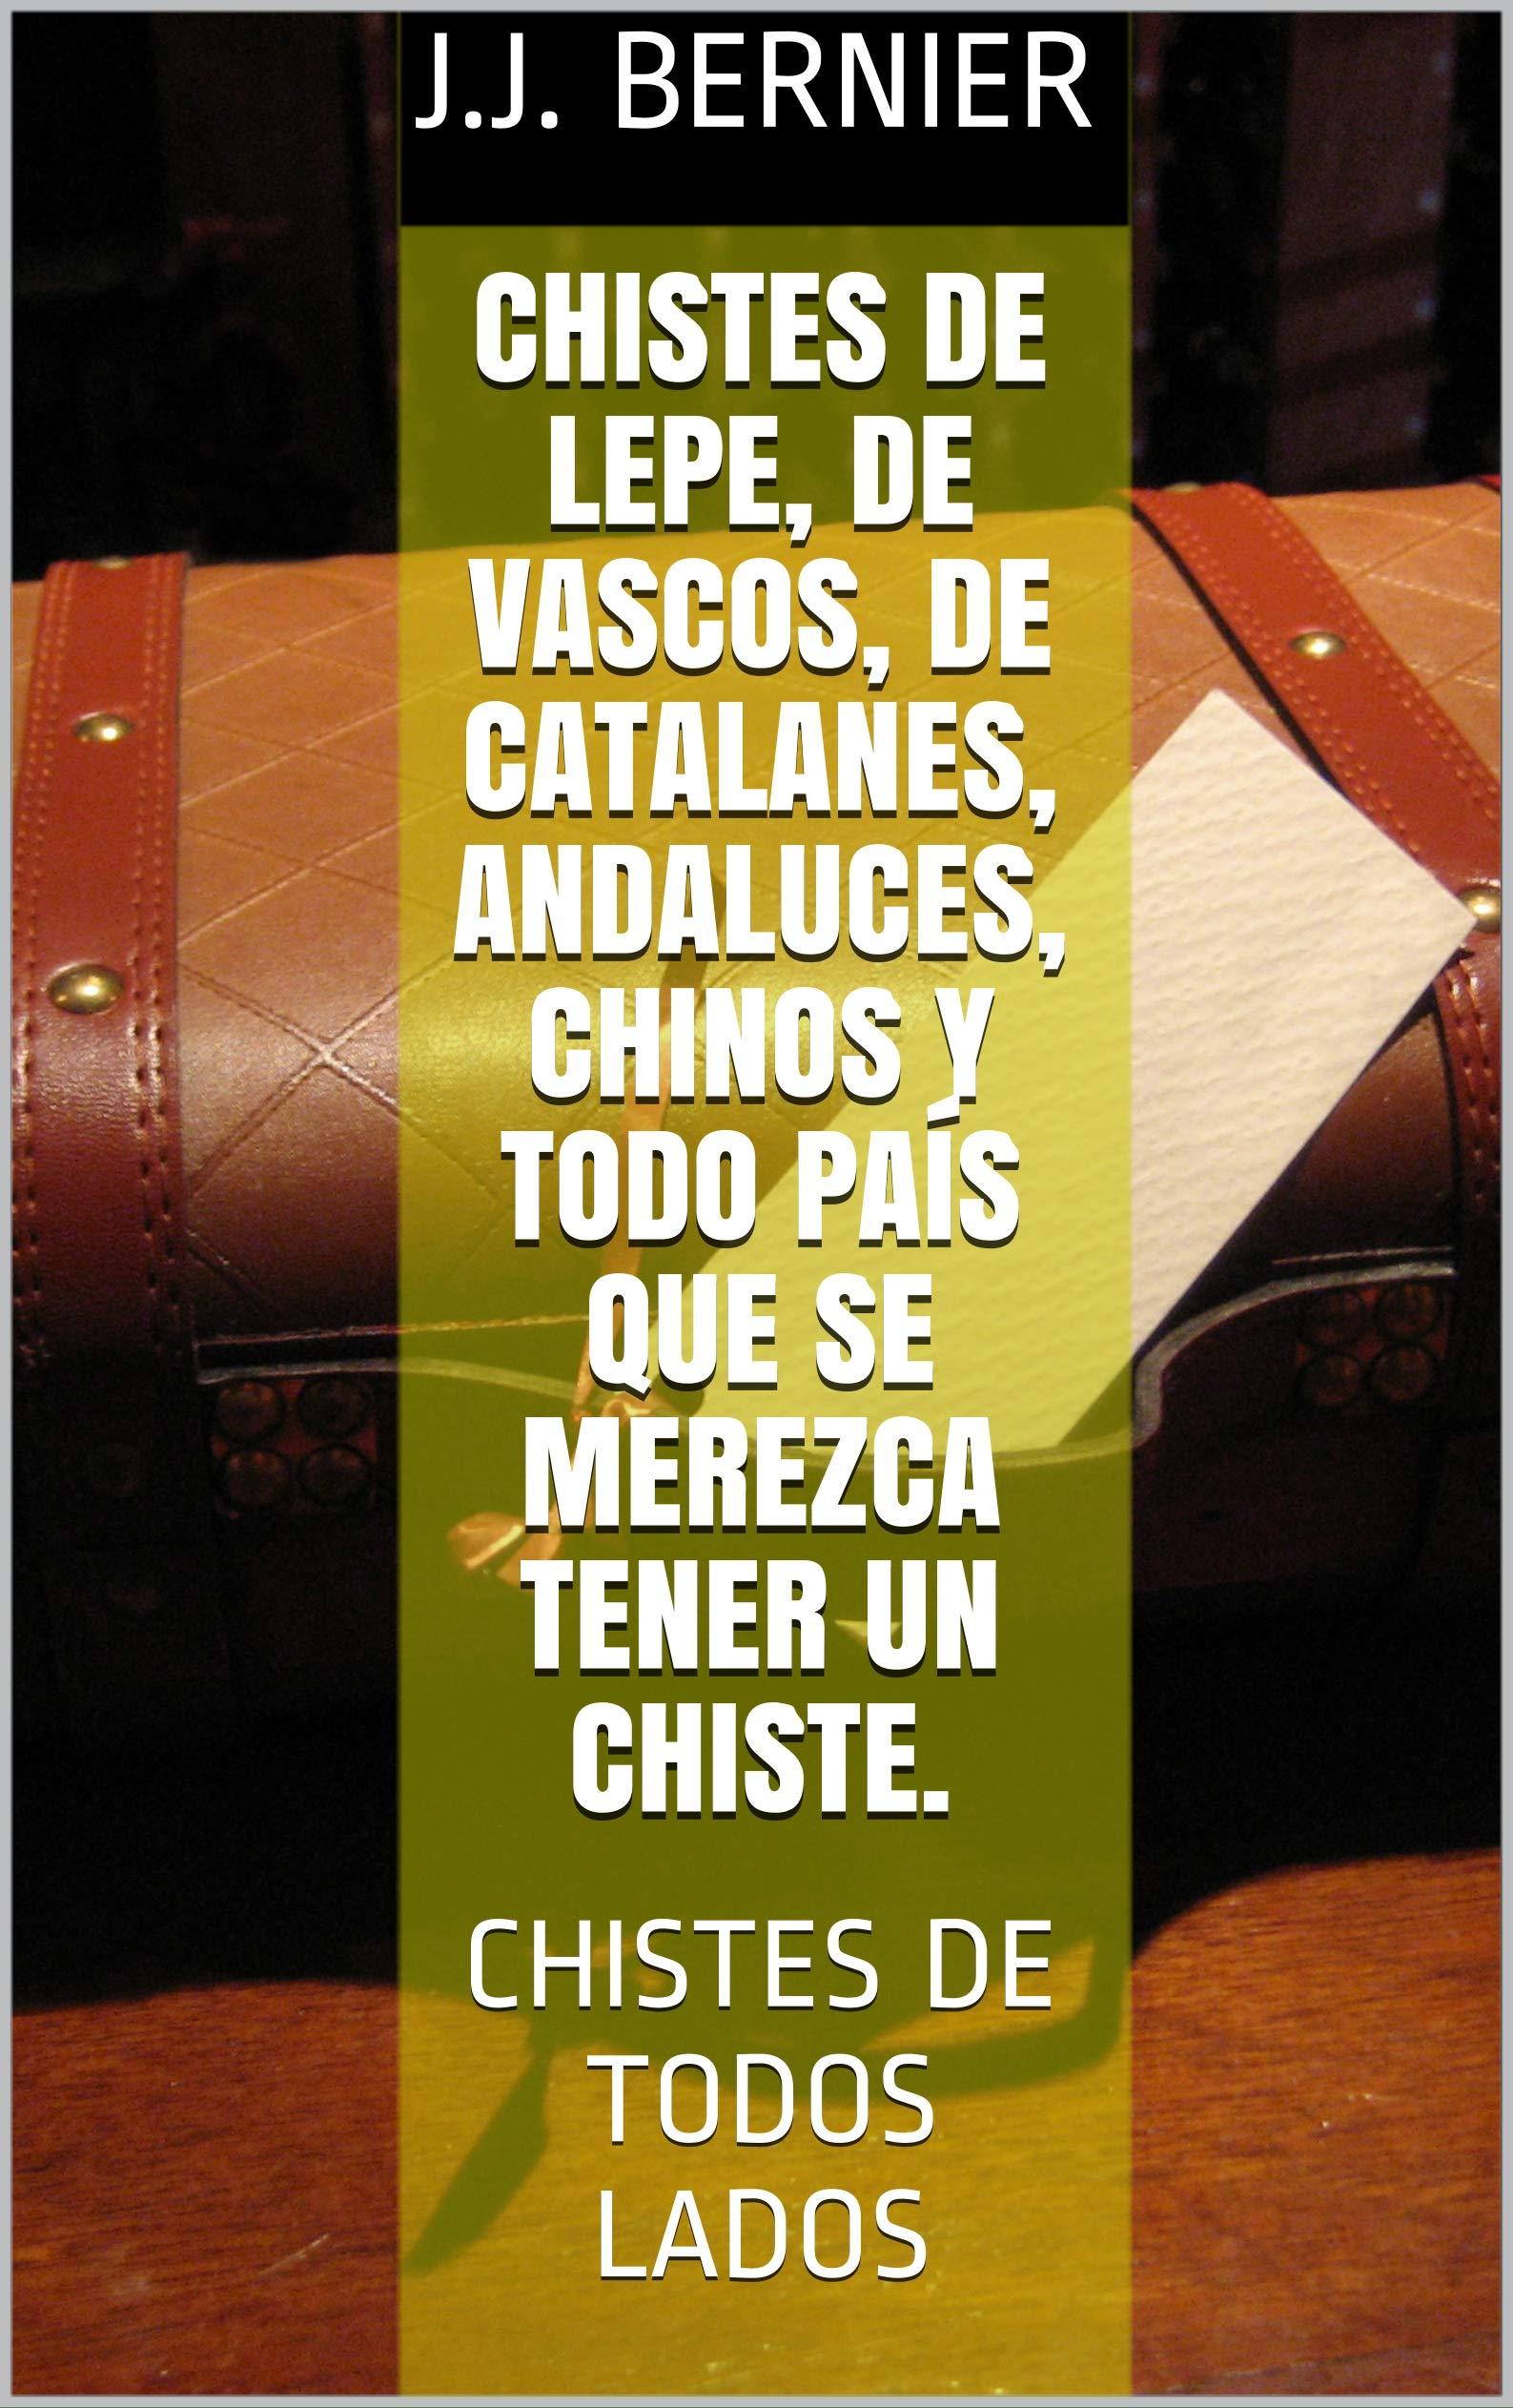 CHISTES DE LEPE, DE VASCOS, DE CATALANES, ANDALUCES, CHINOS Y TODO PAÍS QUE SE MEREZCA TENER UN CHISTE.: CHISTES DE TODOS LADOS